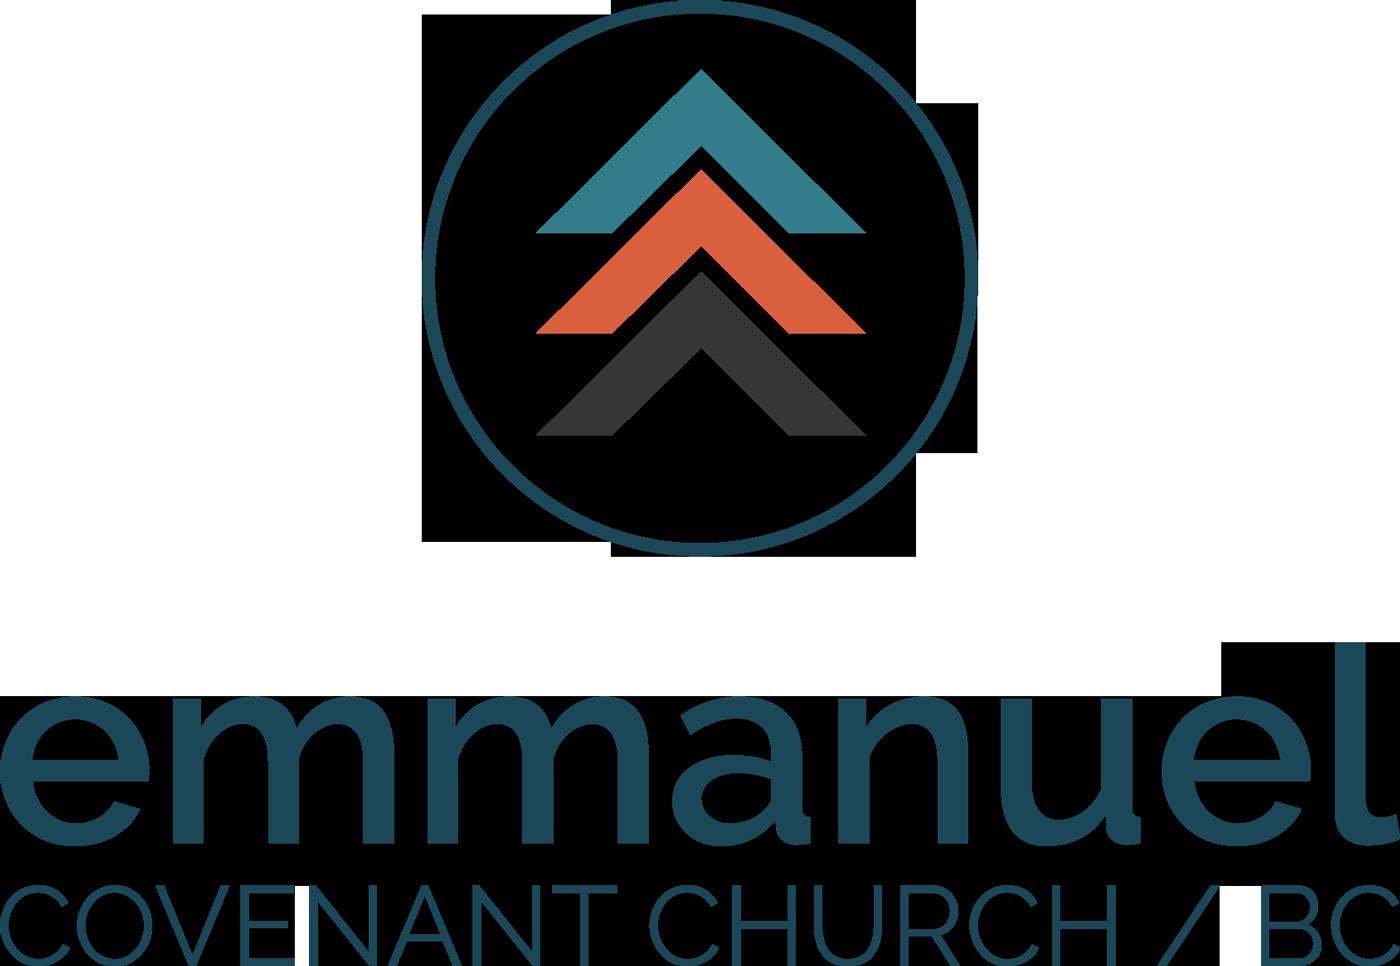 Emmanuel Covenant Church